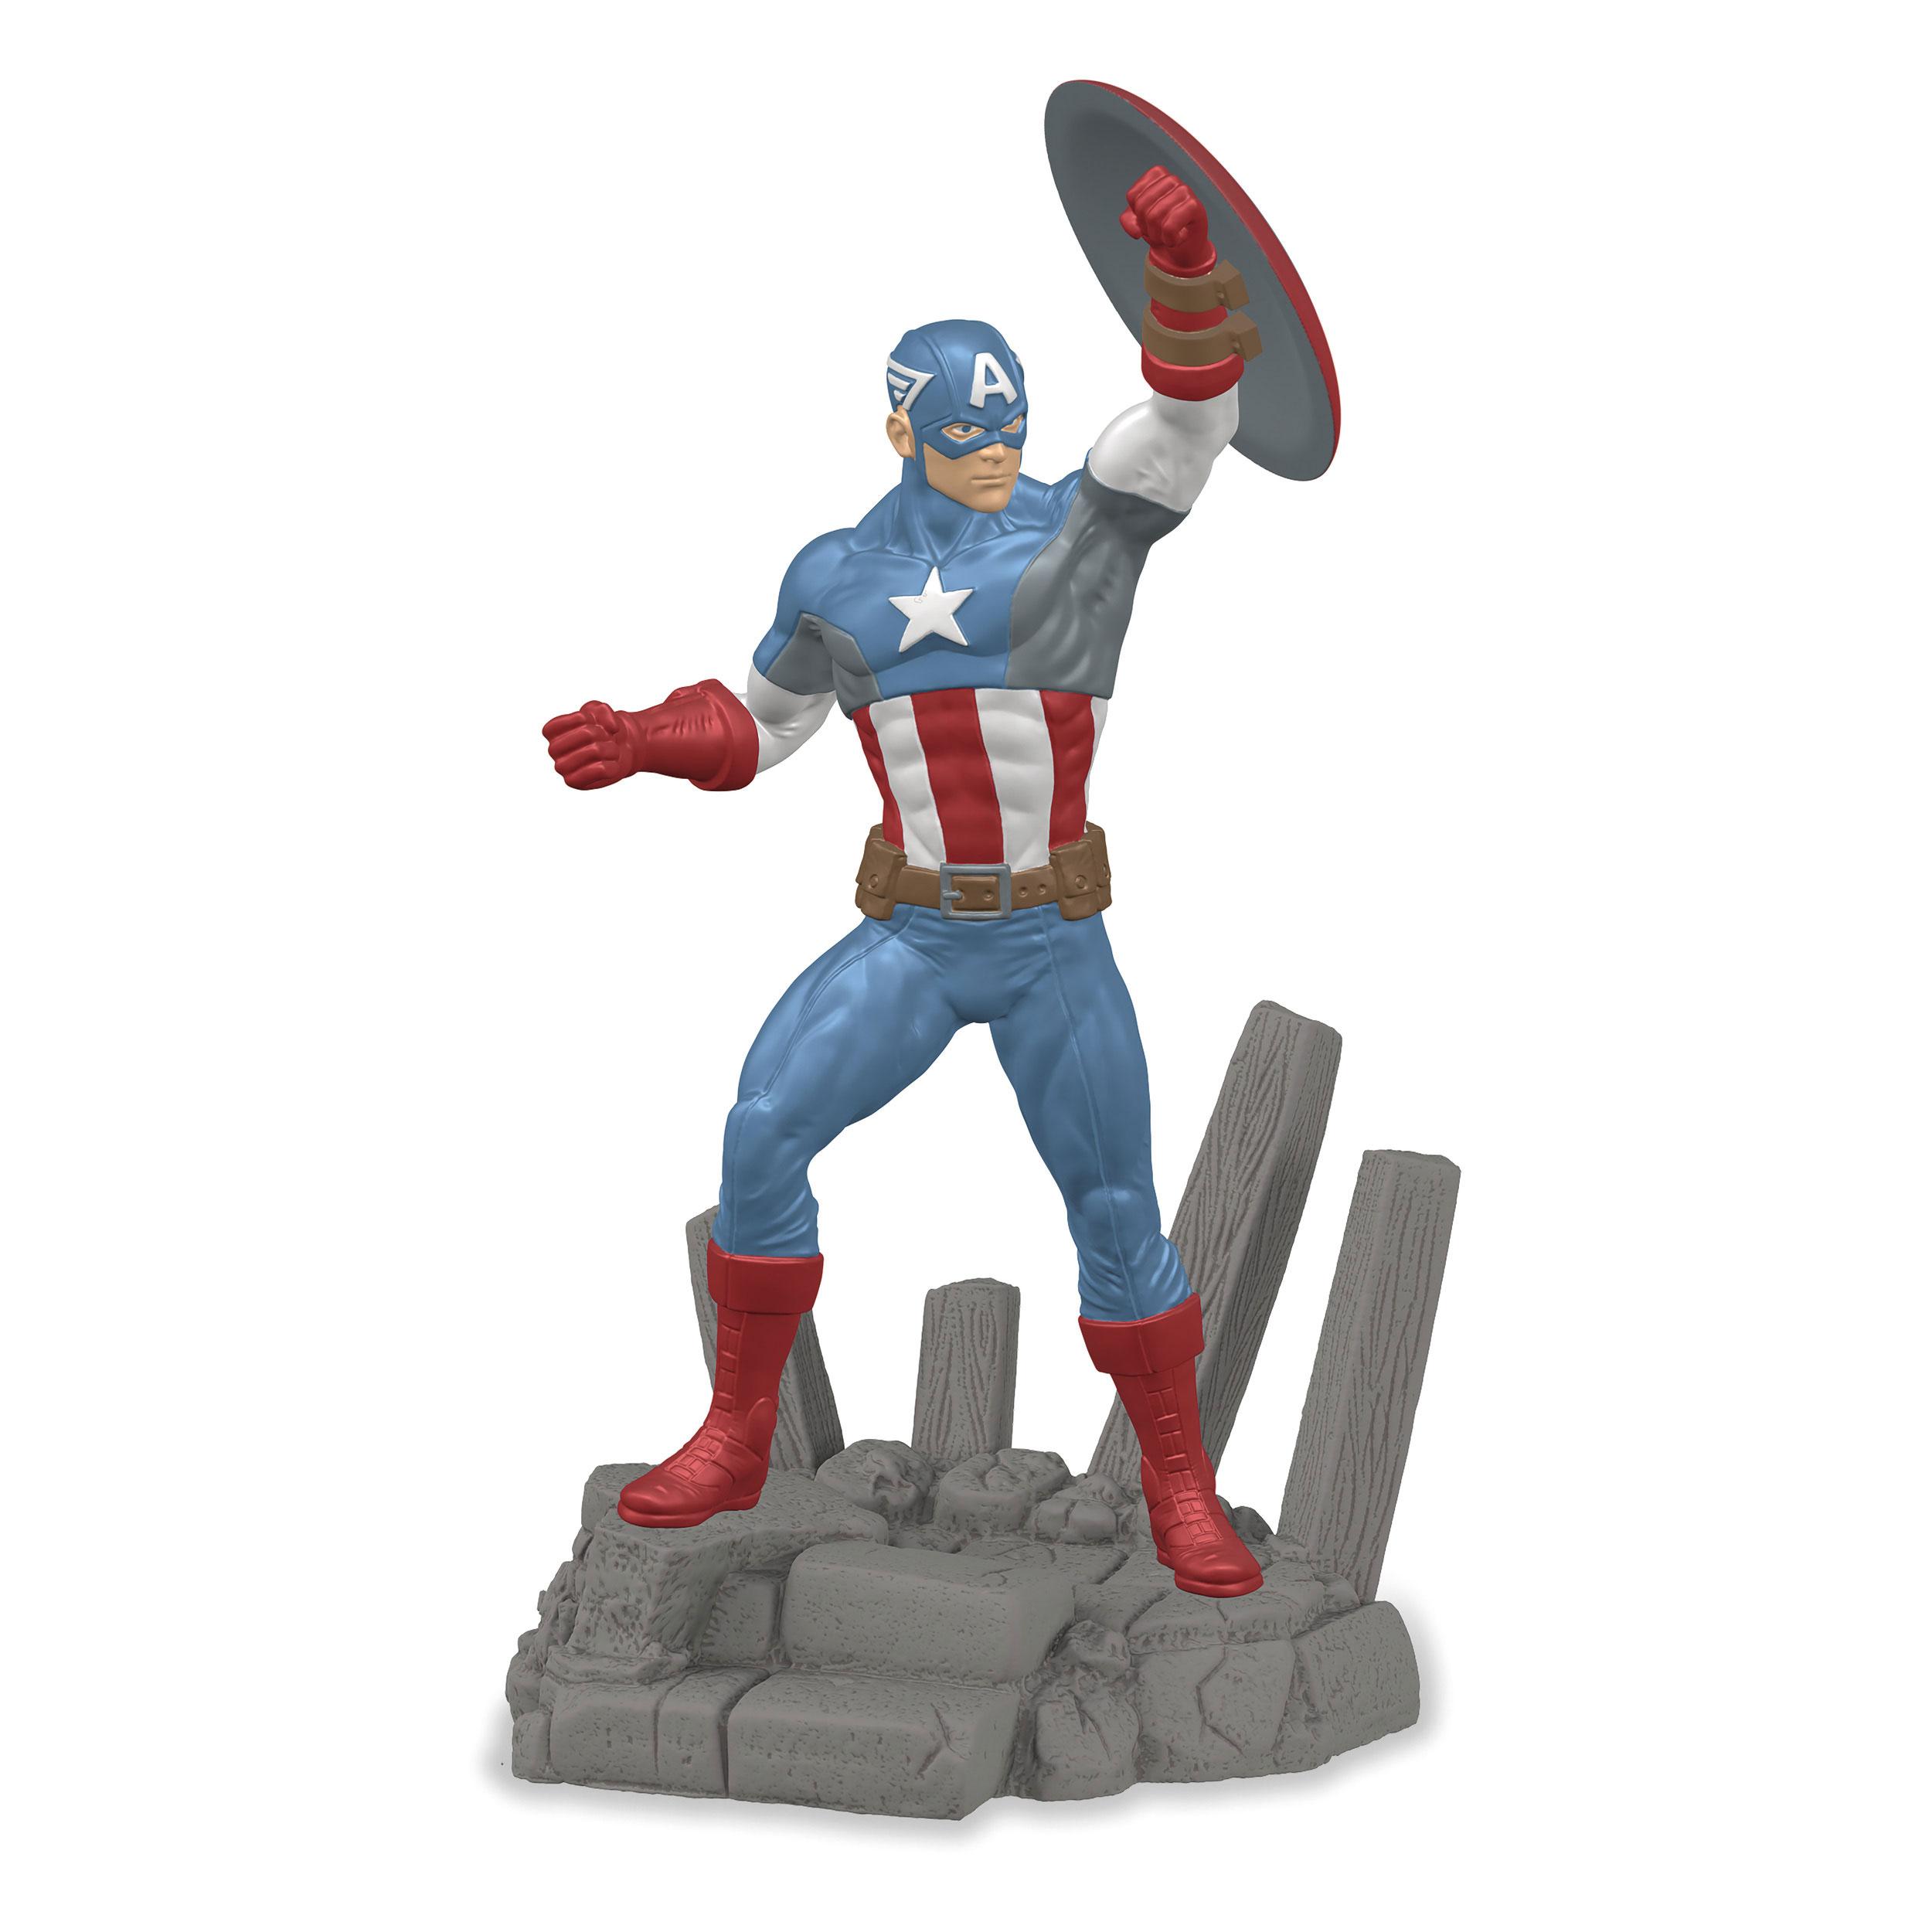 Schleich 21503 Marvel Captain America Toy